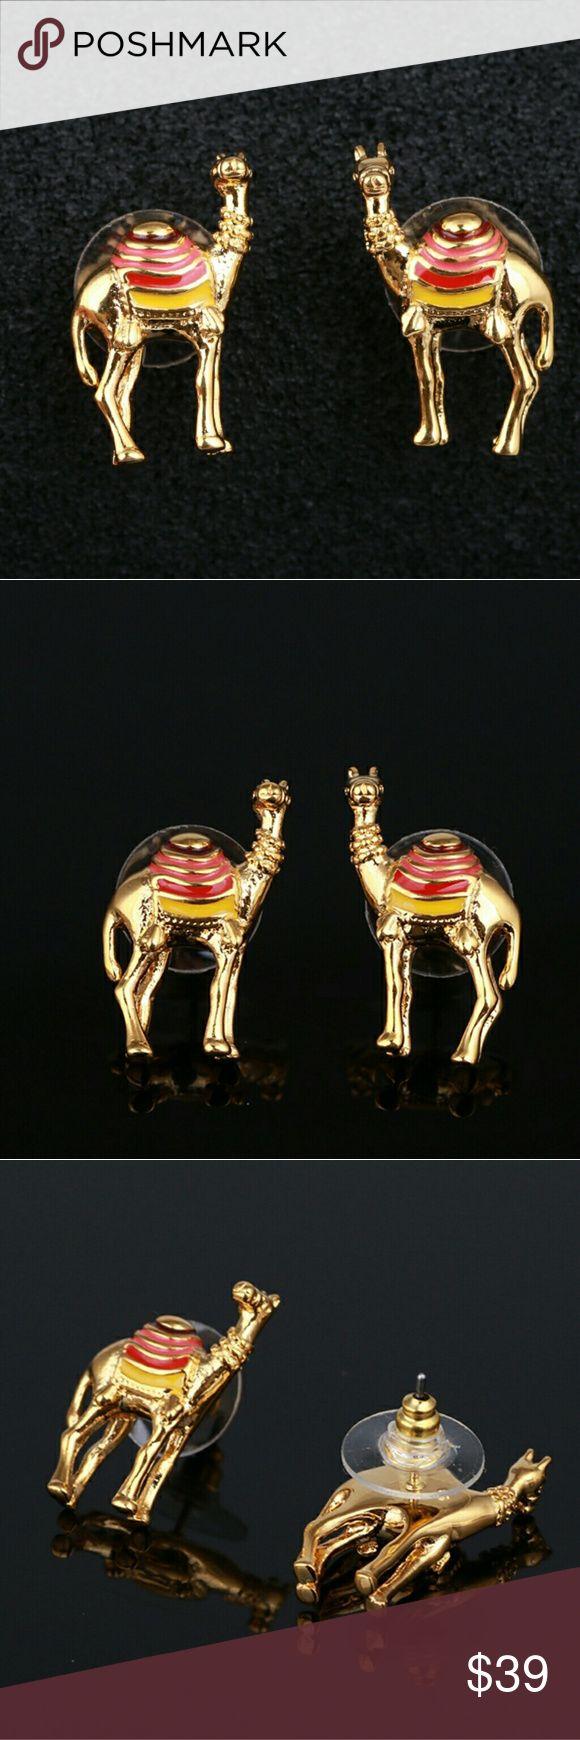 Kate spade camel earrings New kate spade Jewelry Earrings